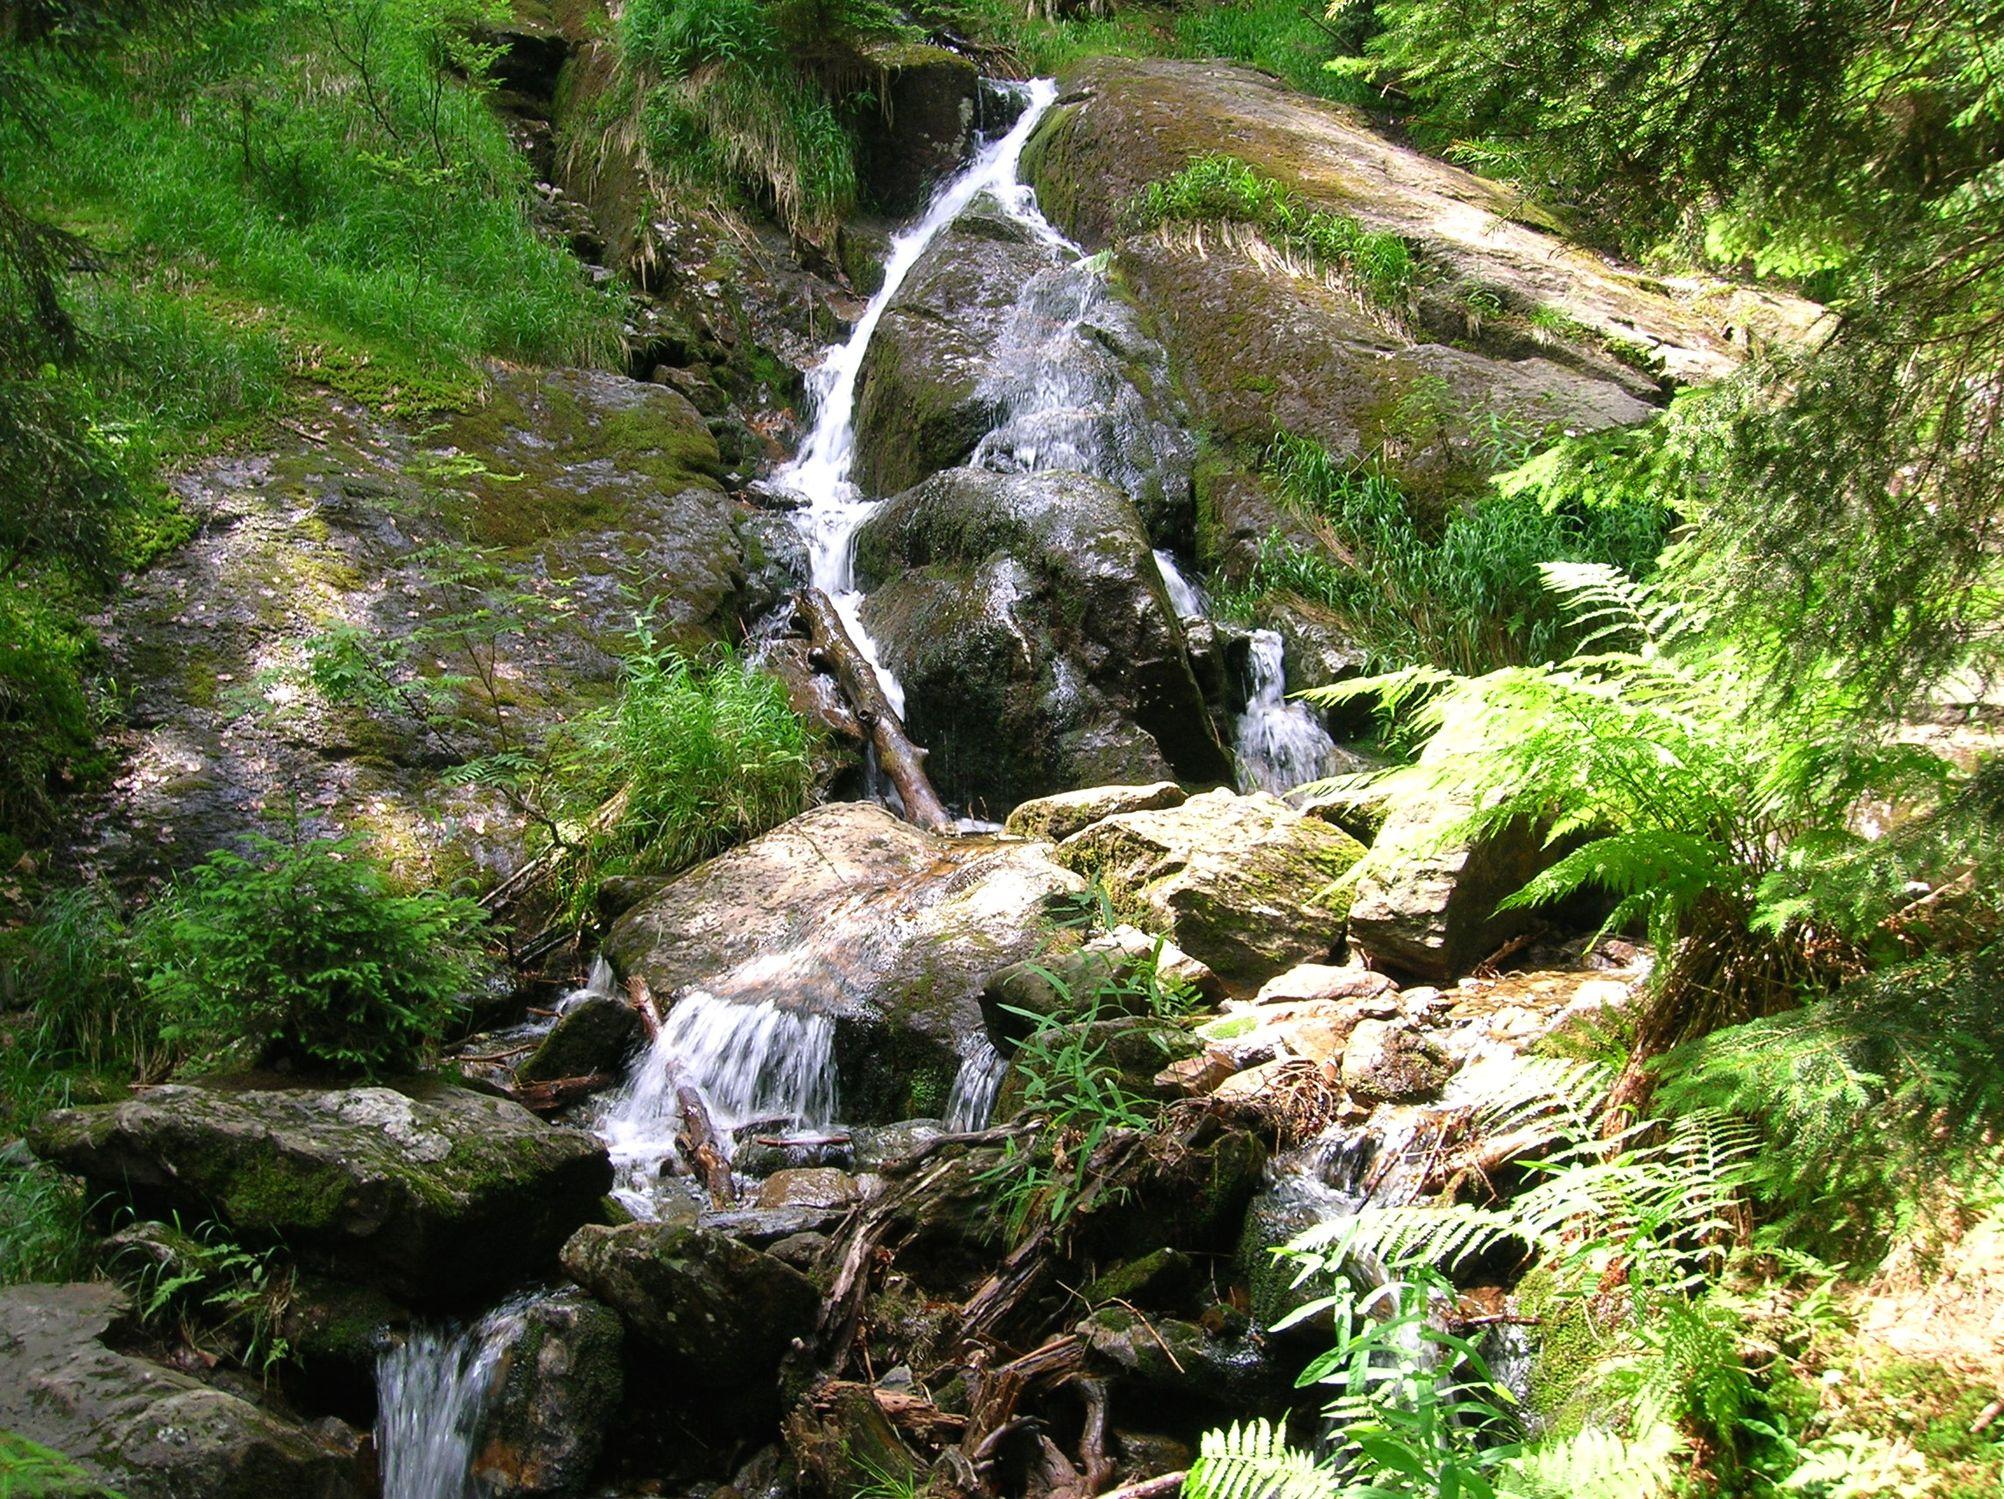 Bild mit Natur, Elemente, Wasser, Pflanzen, Landschaften, Bäume, Gewässer, Küsten und Ufer, Wälder, Flüsse, Wasserfälle, Schluchten, Wald, Bach, Waldbach, Wasserfall, Bach im Wald, Gewässer im Wald